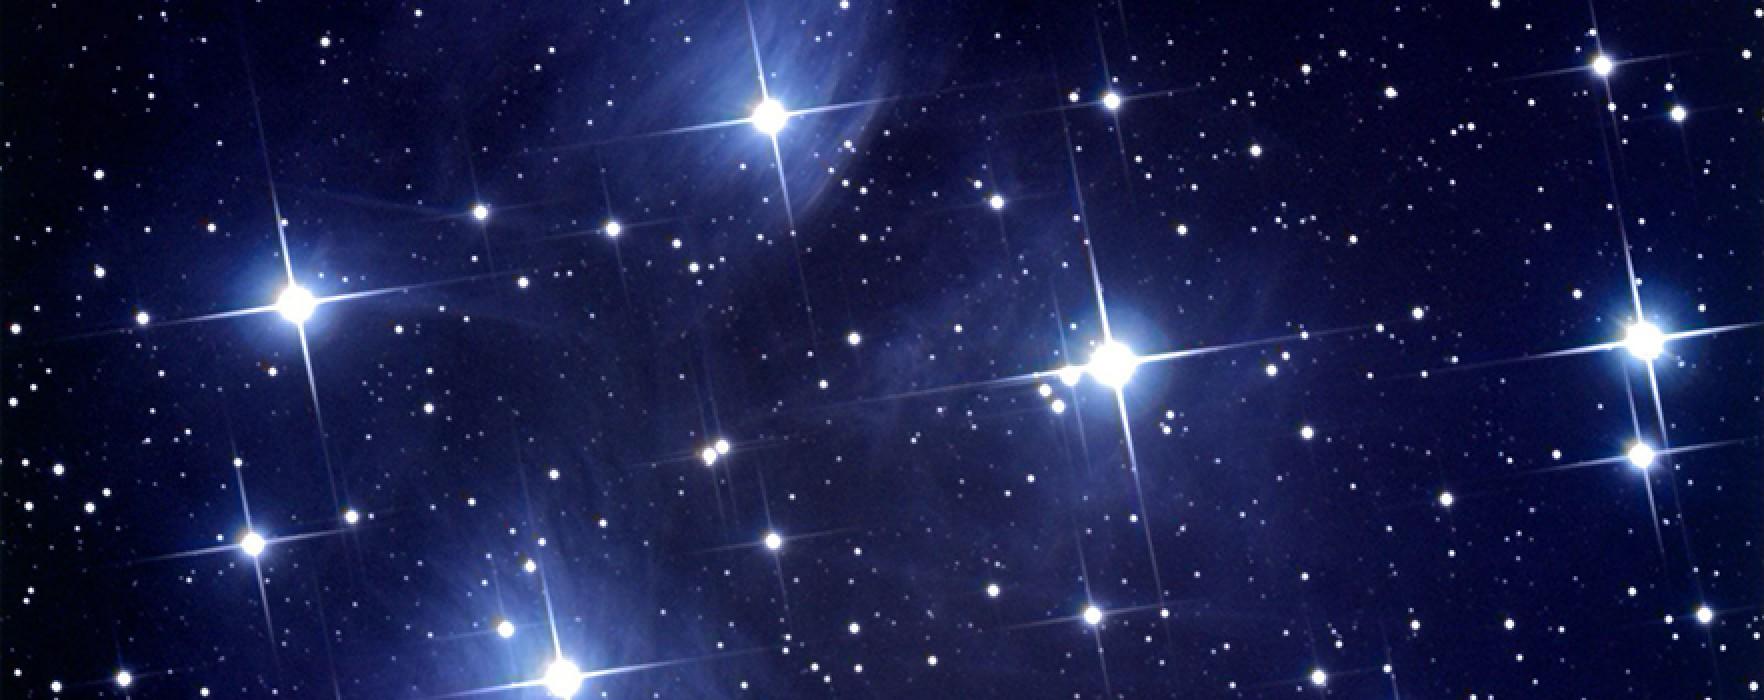 Sabit Yıldızlar Gerçekten Sabit Midirler?